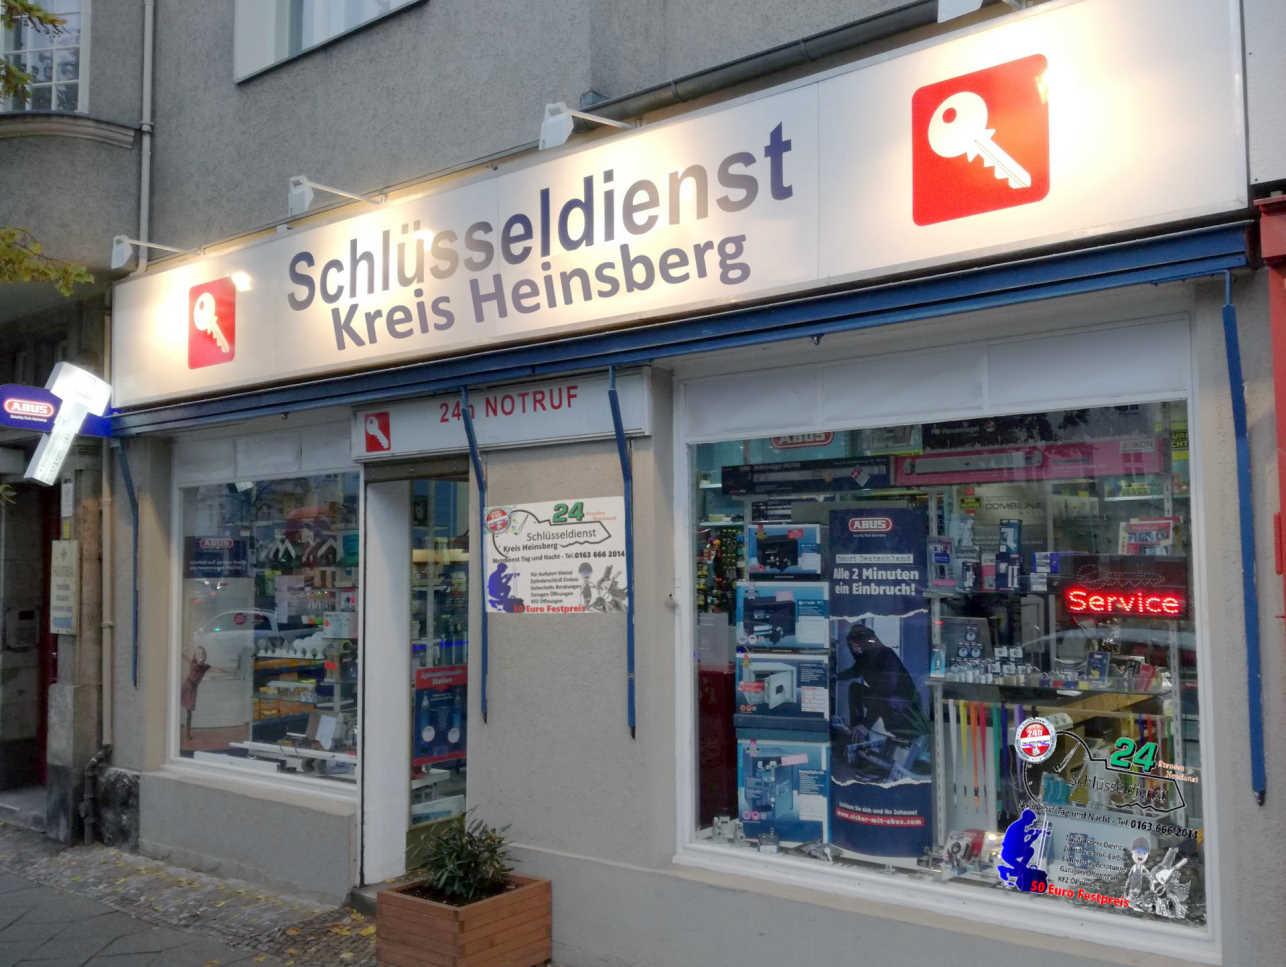 Schlüsseldienst Kreis Heinsberg unser Geschäft von draußen